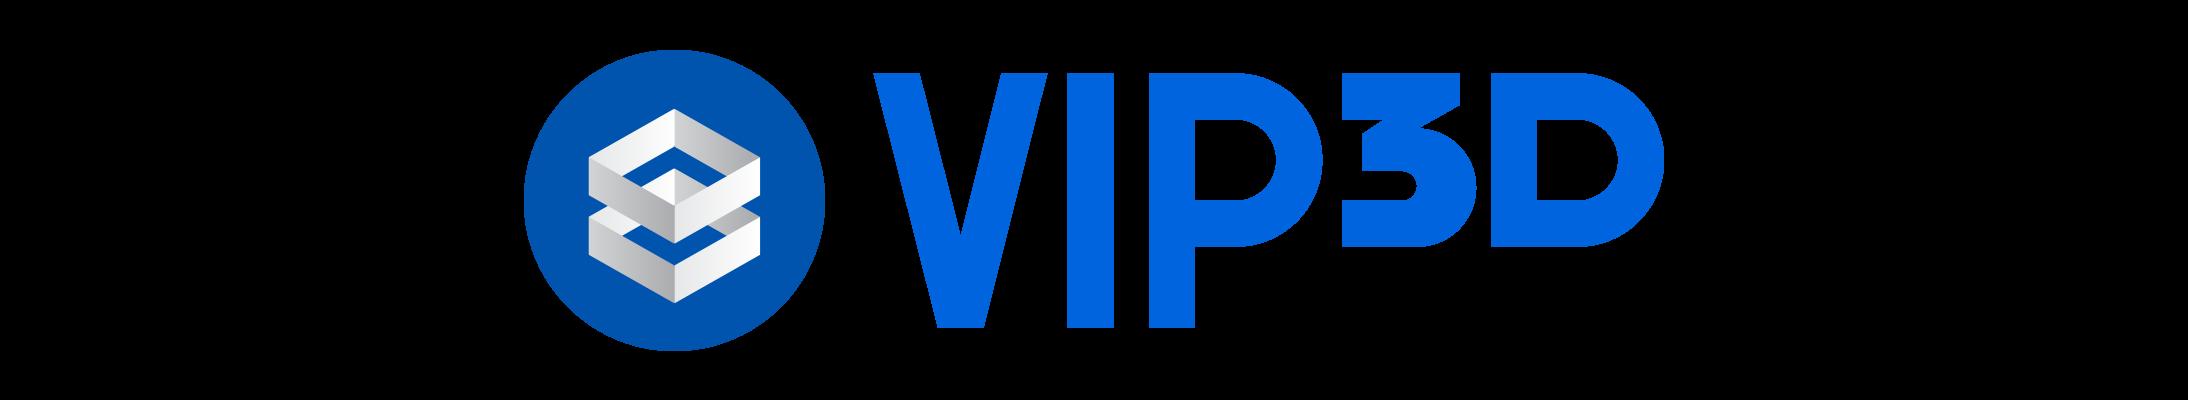 Vip3D_logo_transparent-(1)